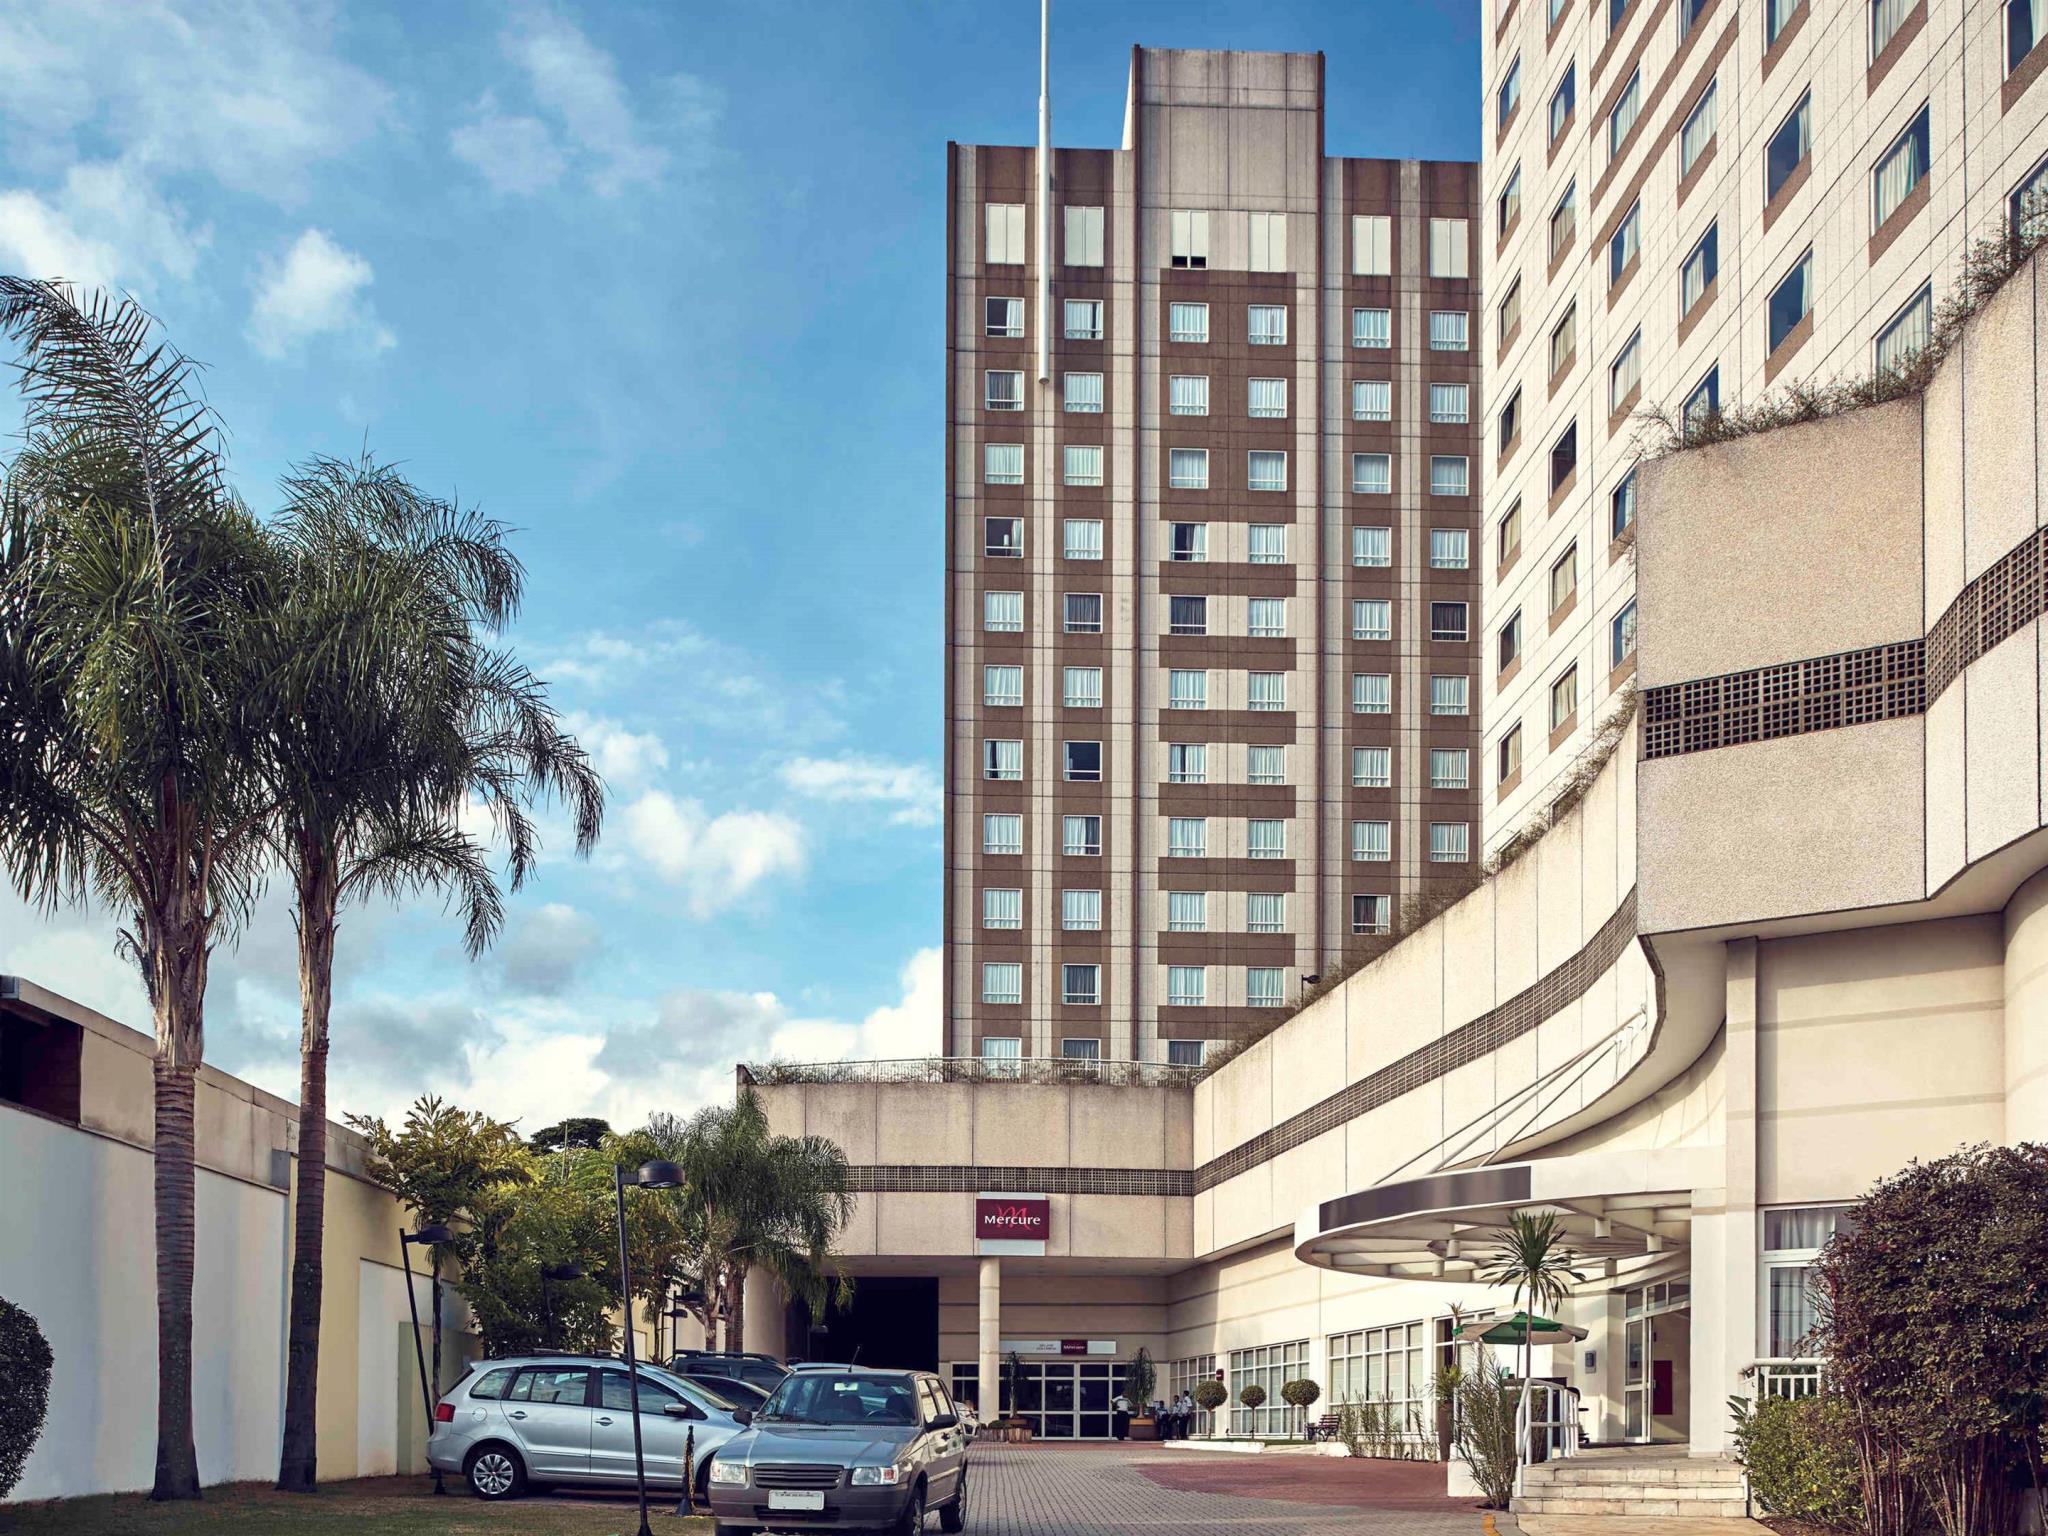 Mercure Sao Jose Dos Campos Hotel, São José dos Campos